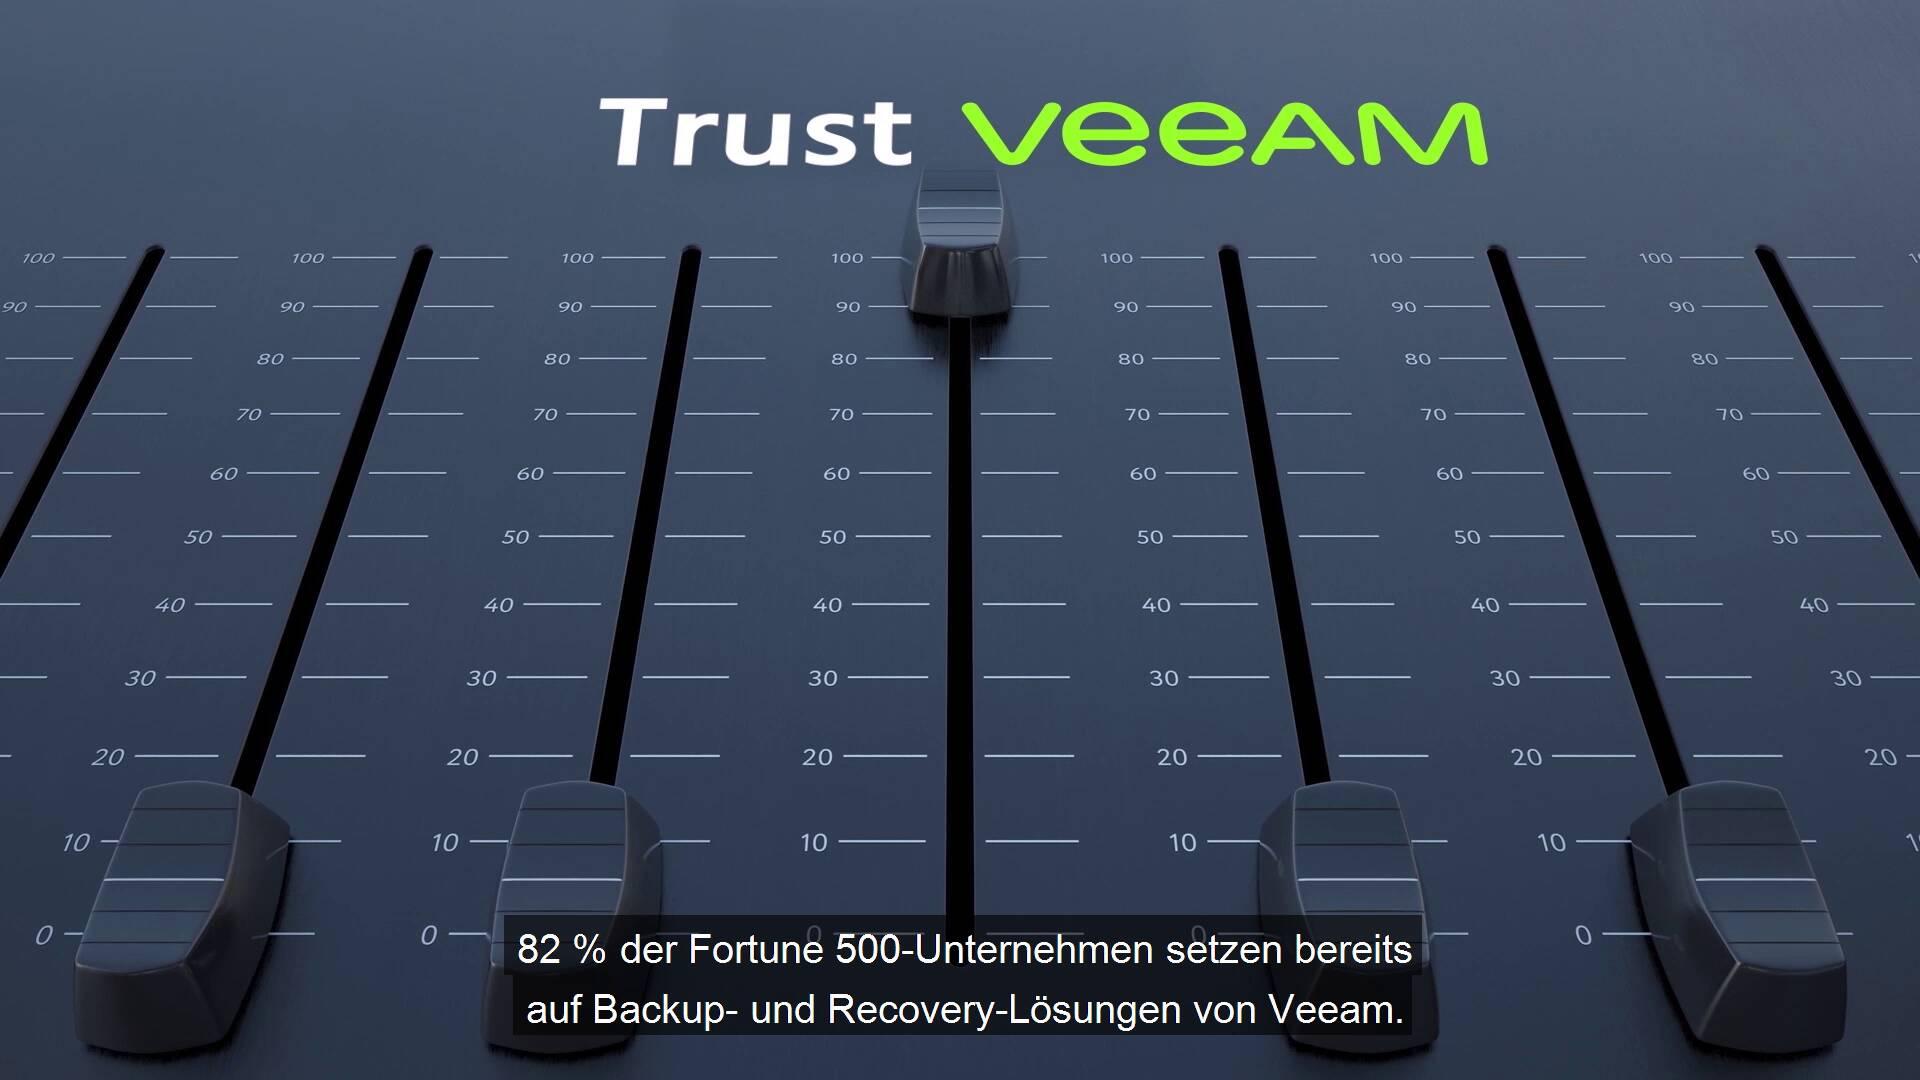 DE Corporate Messaging Why Veeam - Feb 2020